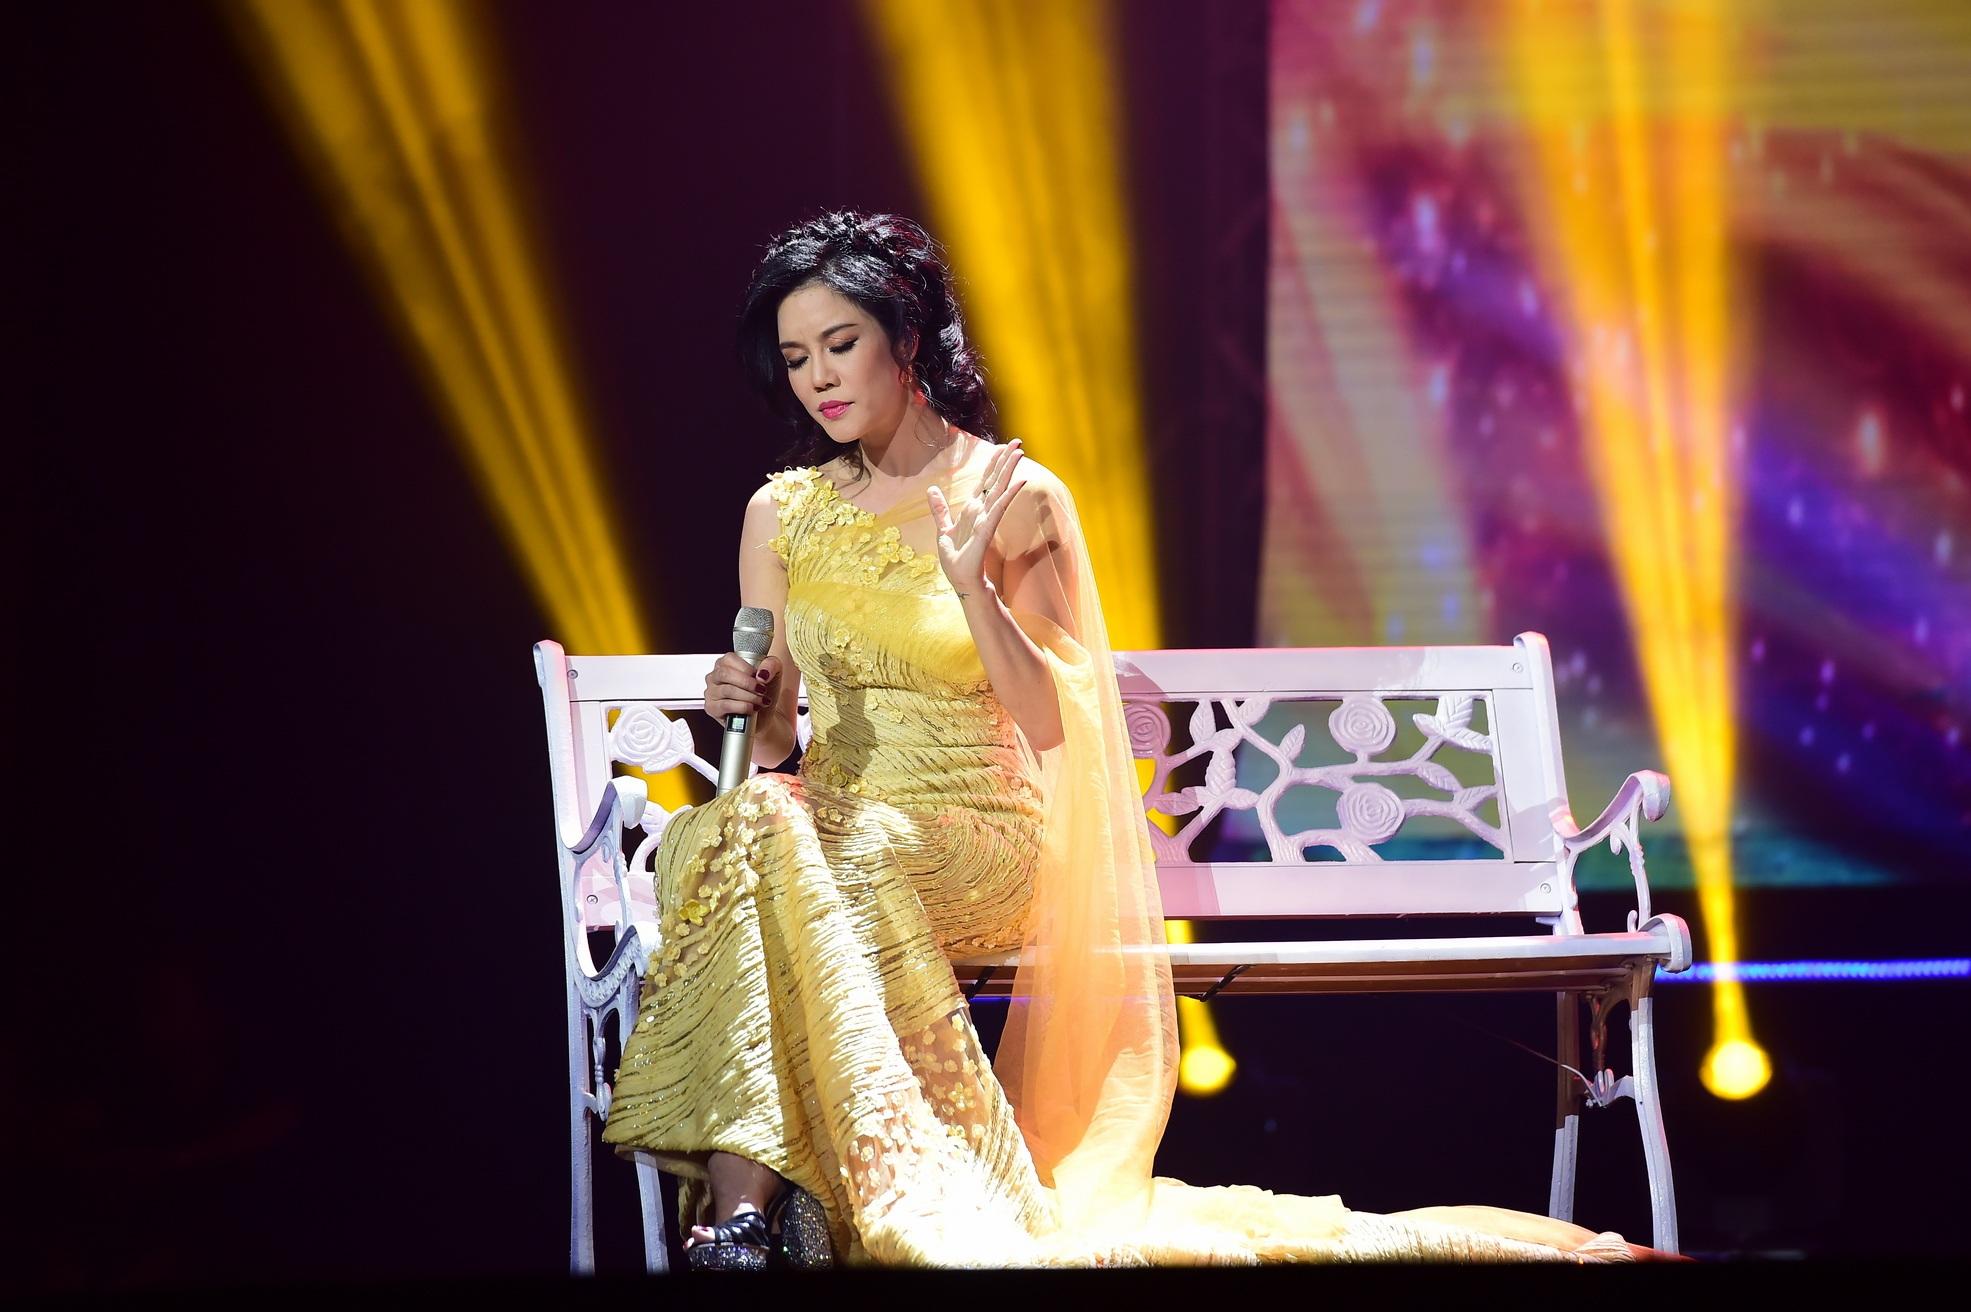 Trong chương trình, Thu Phương đã trình diễn ca khúc Dòng sông lơ đãng, Chưa bao giờ, Đêm nằm mơ phố và sáng tác mới nhất của nhạc sĩ Việt Anh. Tất cả được thể hiện bằng chất giọng nồng nàn và nhiều cảm xúc.